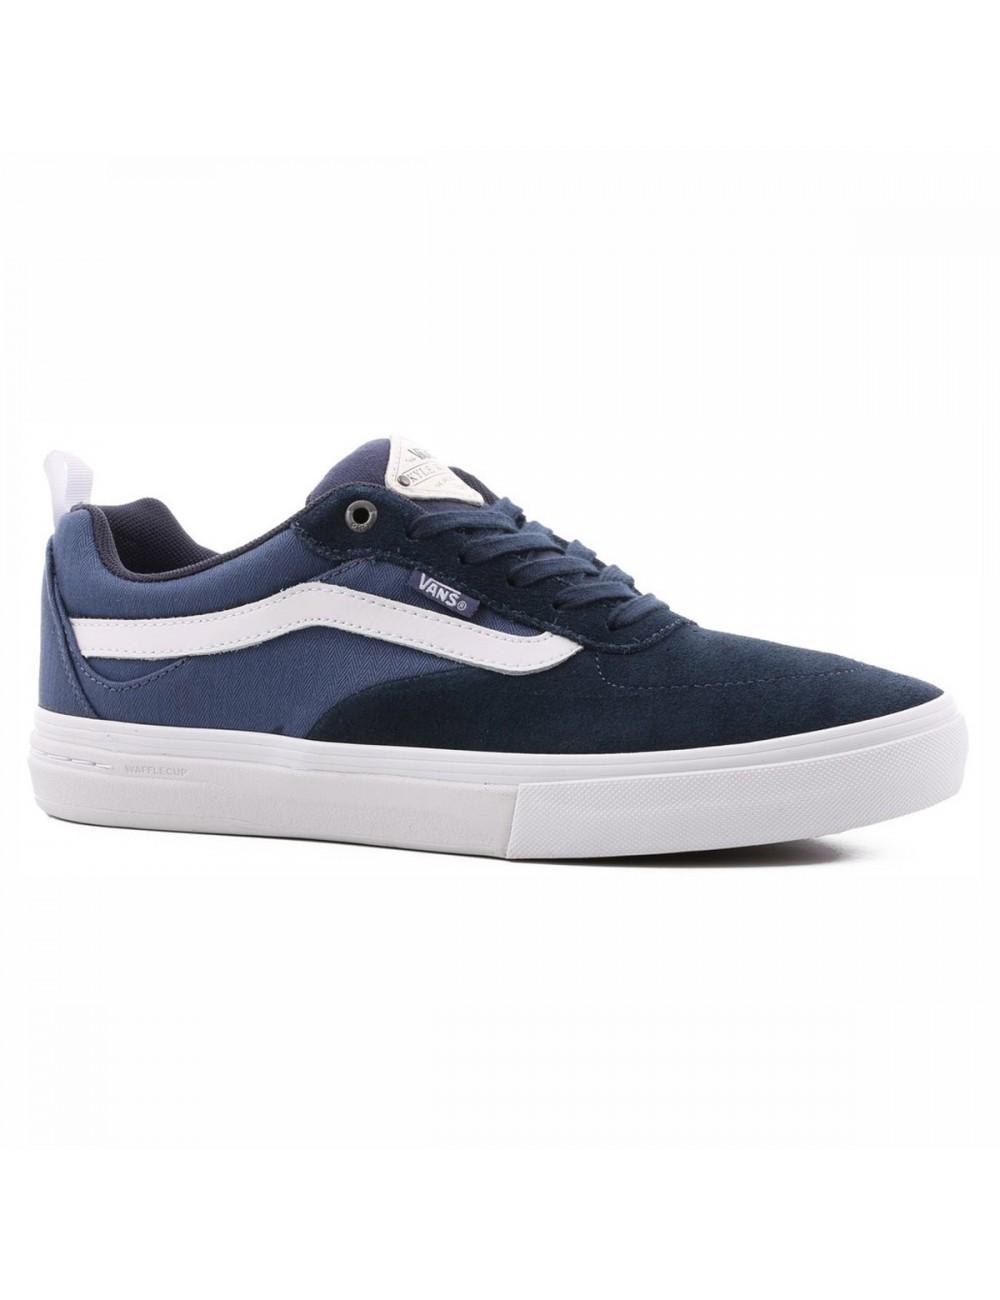 Vans Kyle Walker Pro Shoes - Dress Blues_11441